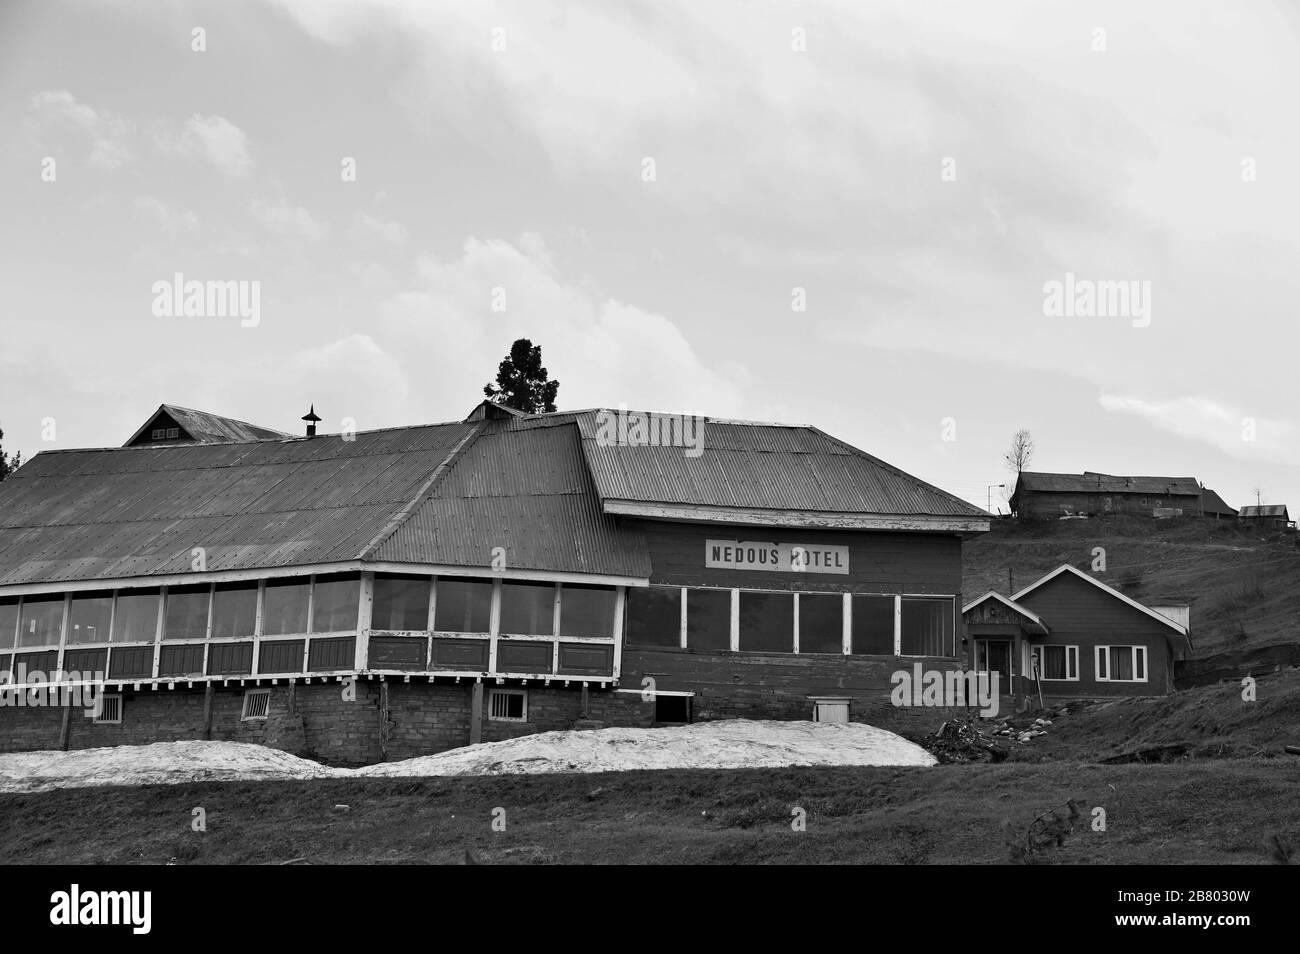 Nedous Hotel, Gulmarg, Baramulla, Cachemira, Jammu y Cachemira, India, Asia Foto de stock